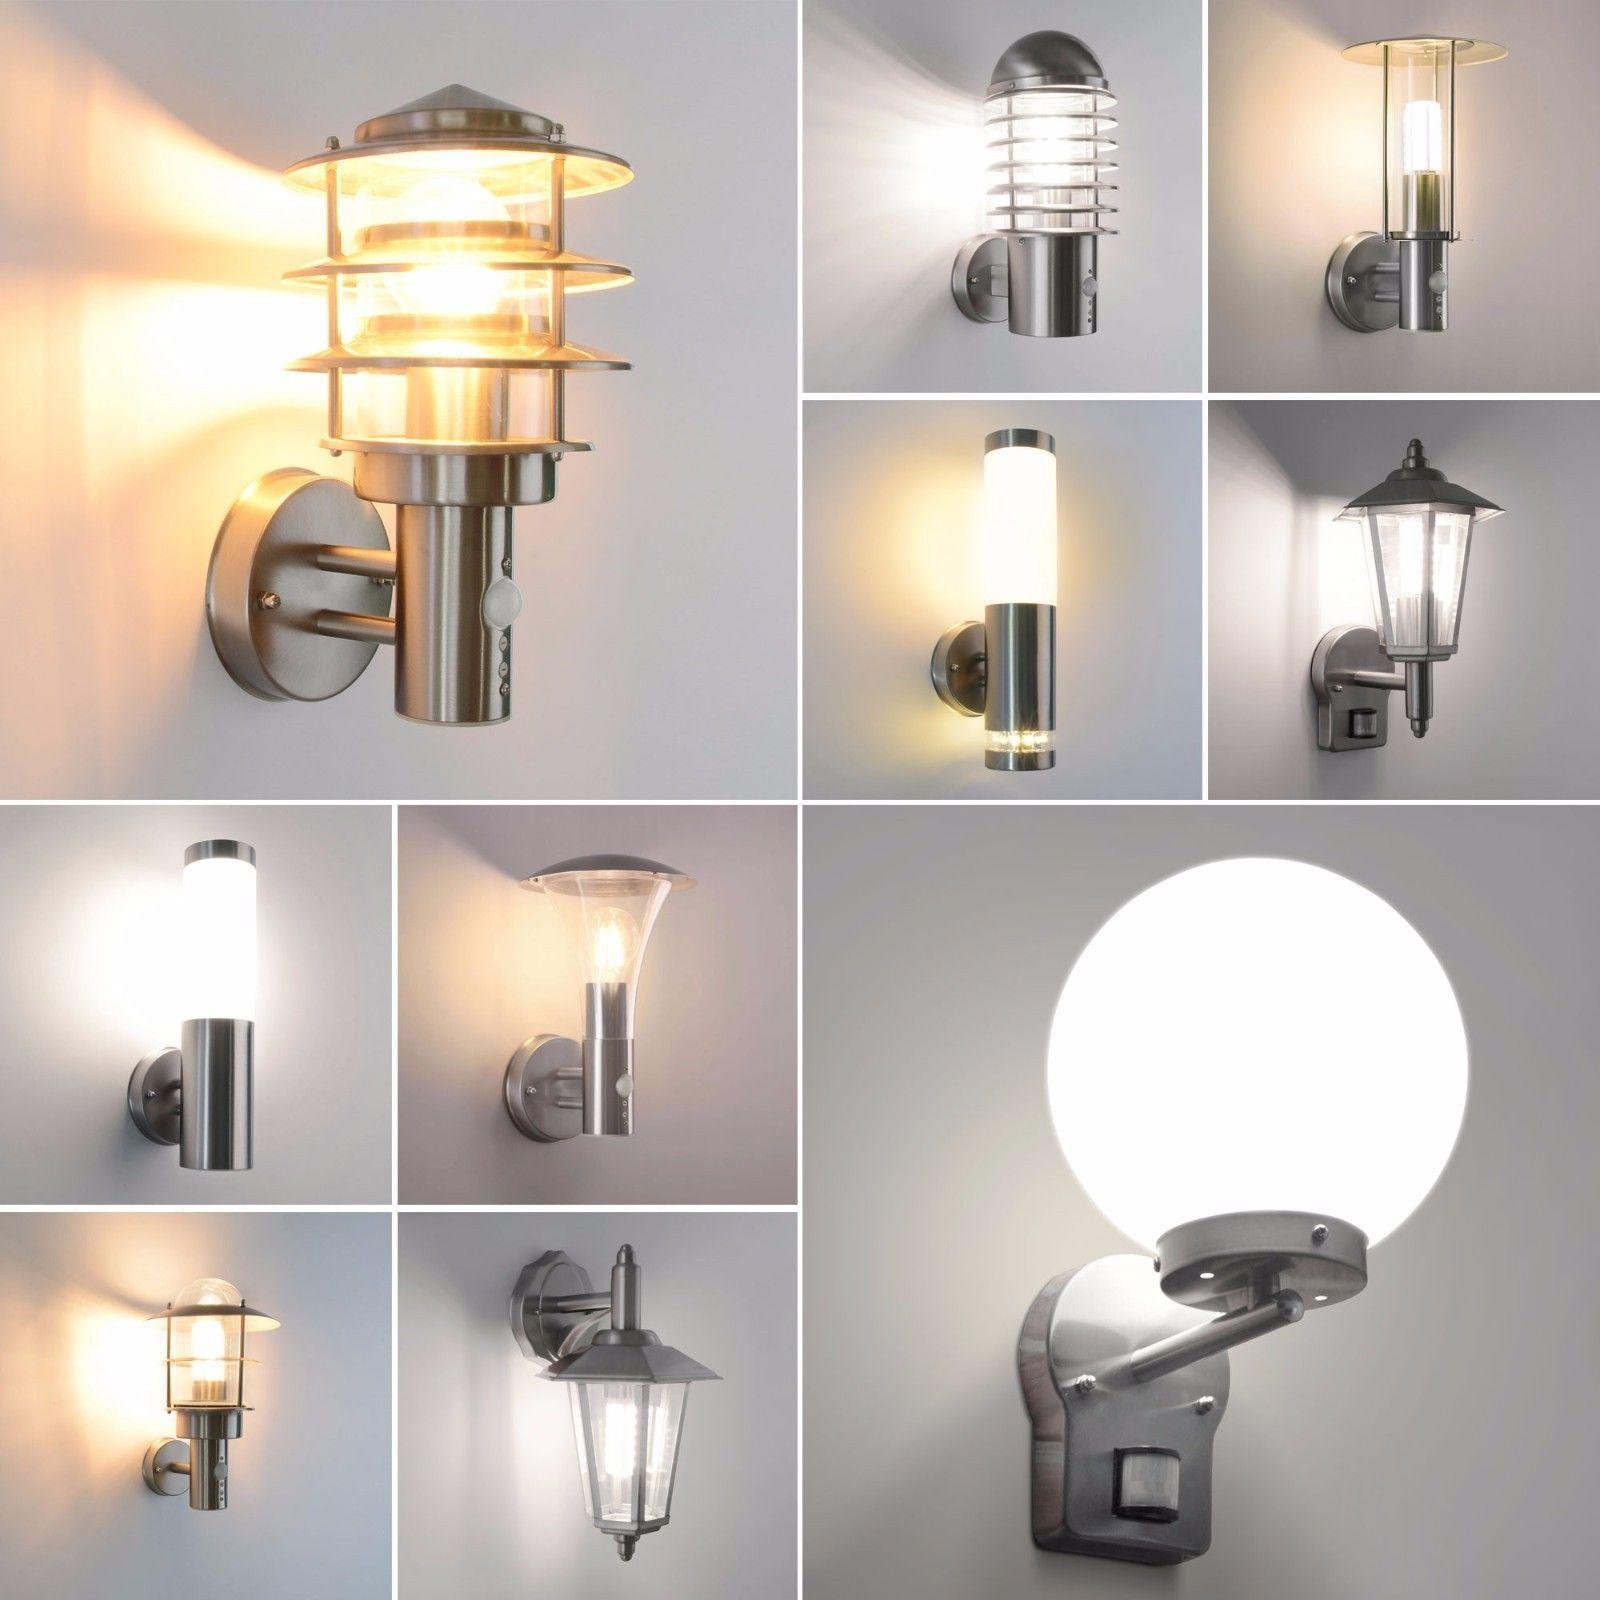 Außenlampe Außenleuchte Garten LED E27 Wandleuchte Edelstahl Lampe  Gartenlampe In Heimwerker, Lampen U0026 Licht,